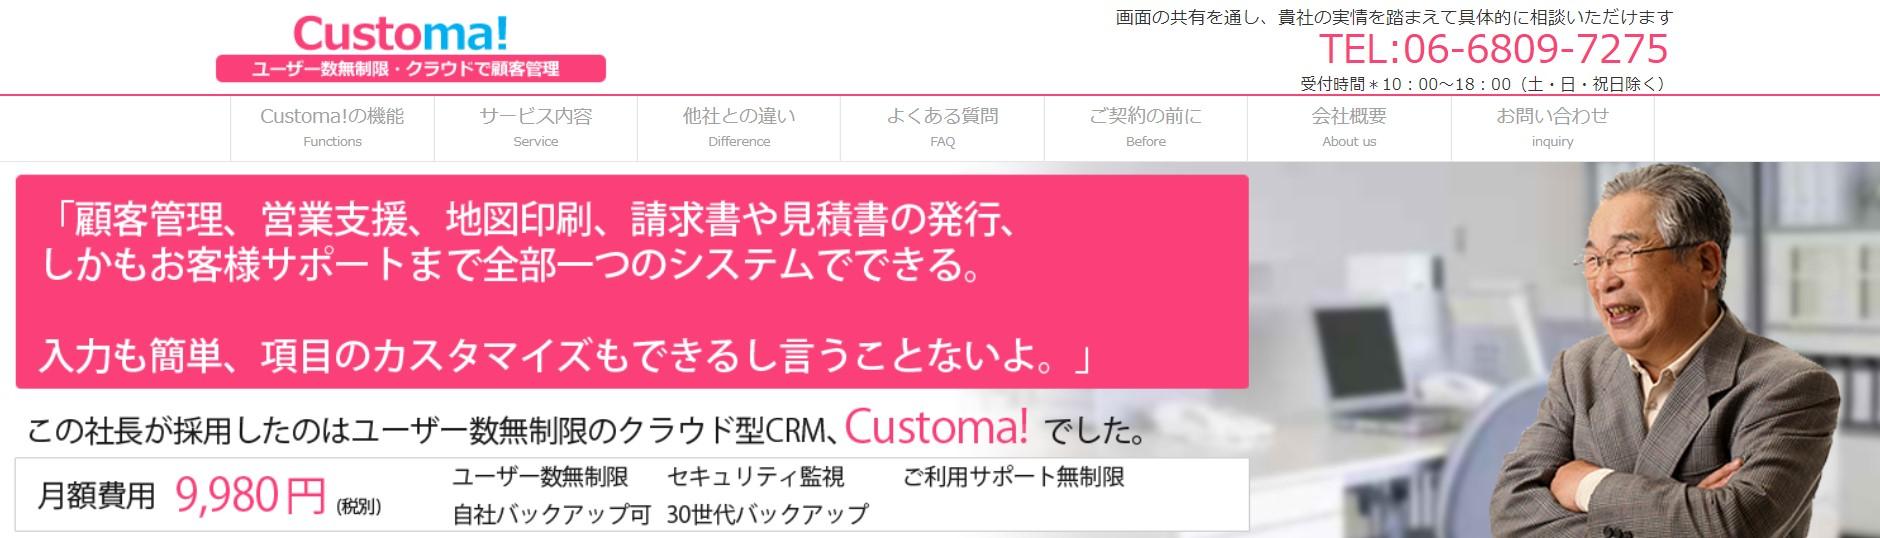 img_customa.jpeg